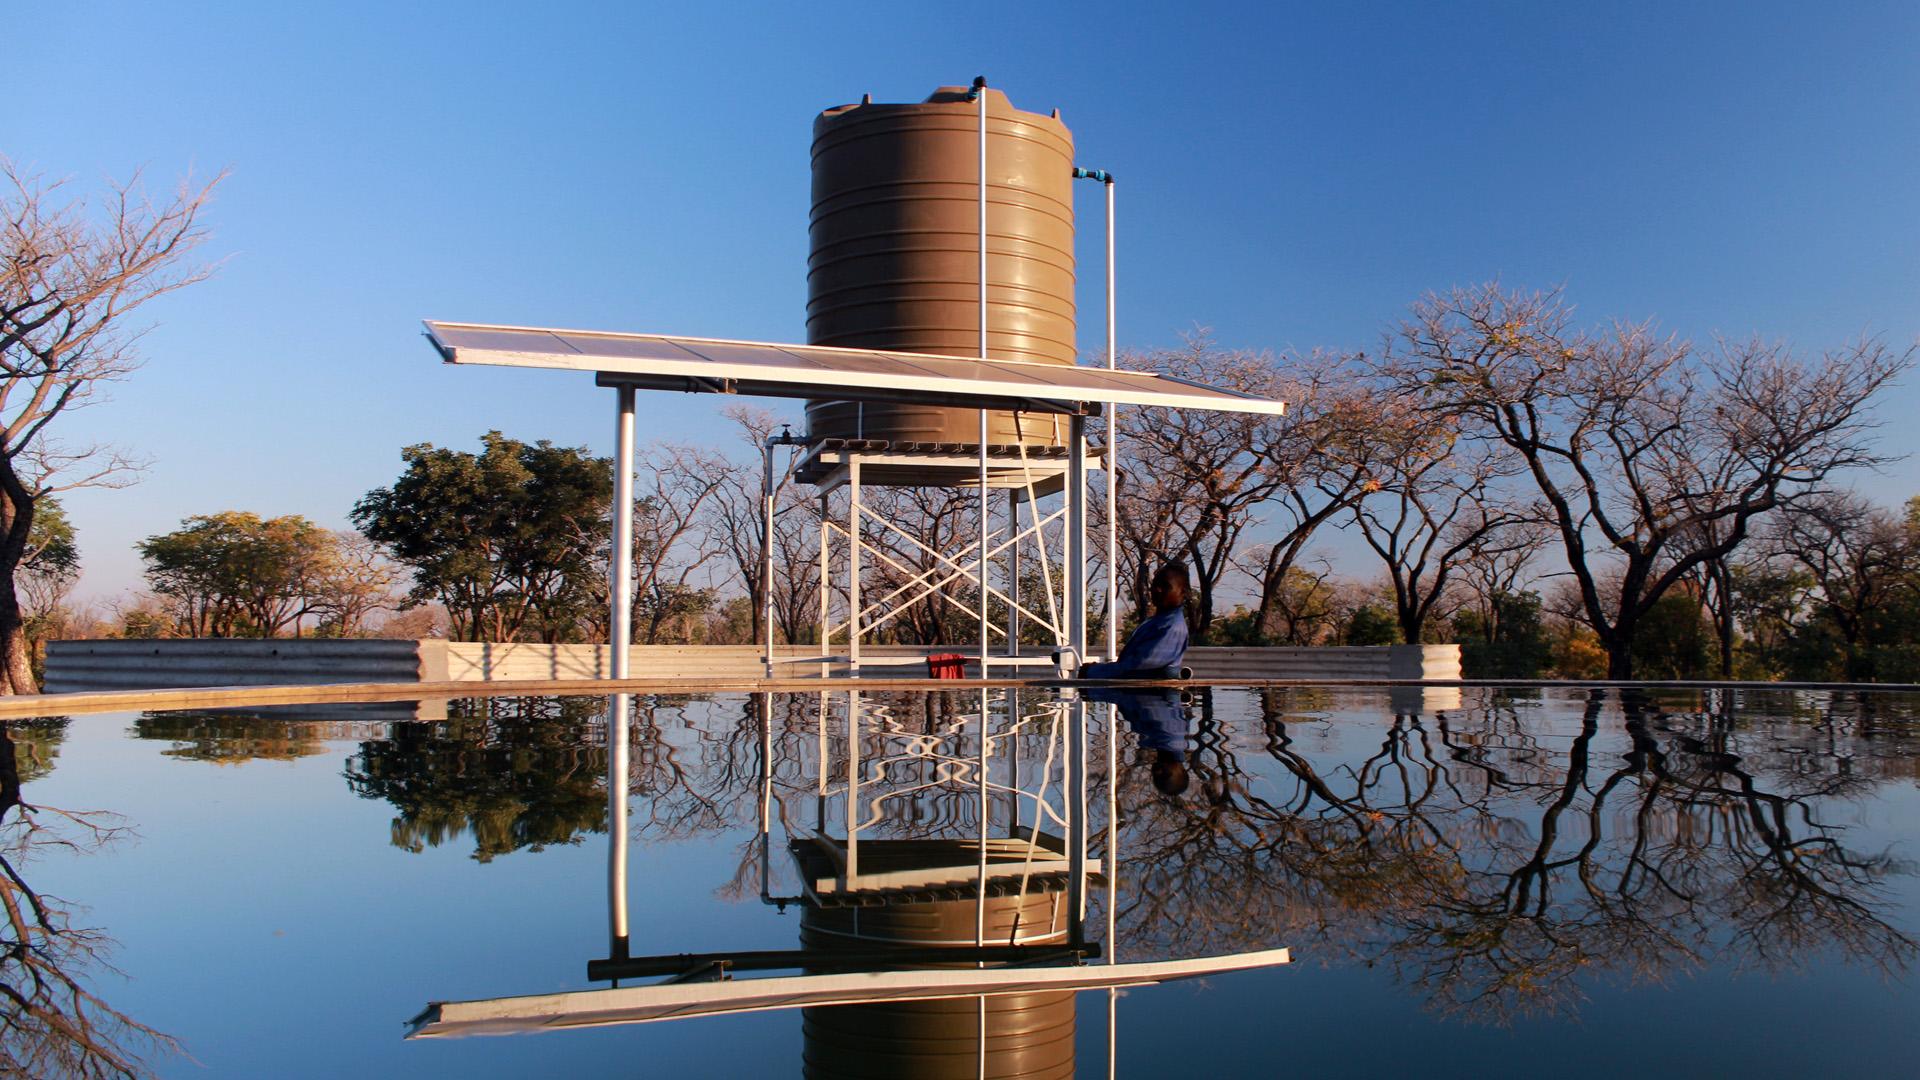 Ein Wasserspeicher mit Solarpumpe, der von dem Programm für kommunale Landentwicklung (PCLD) installiert wurde.